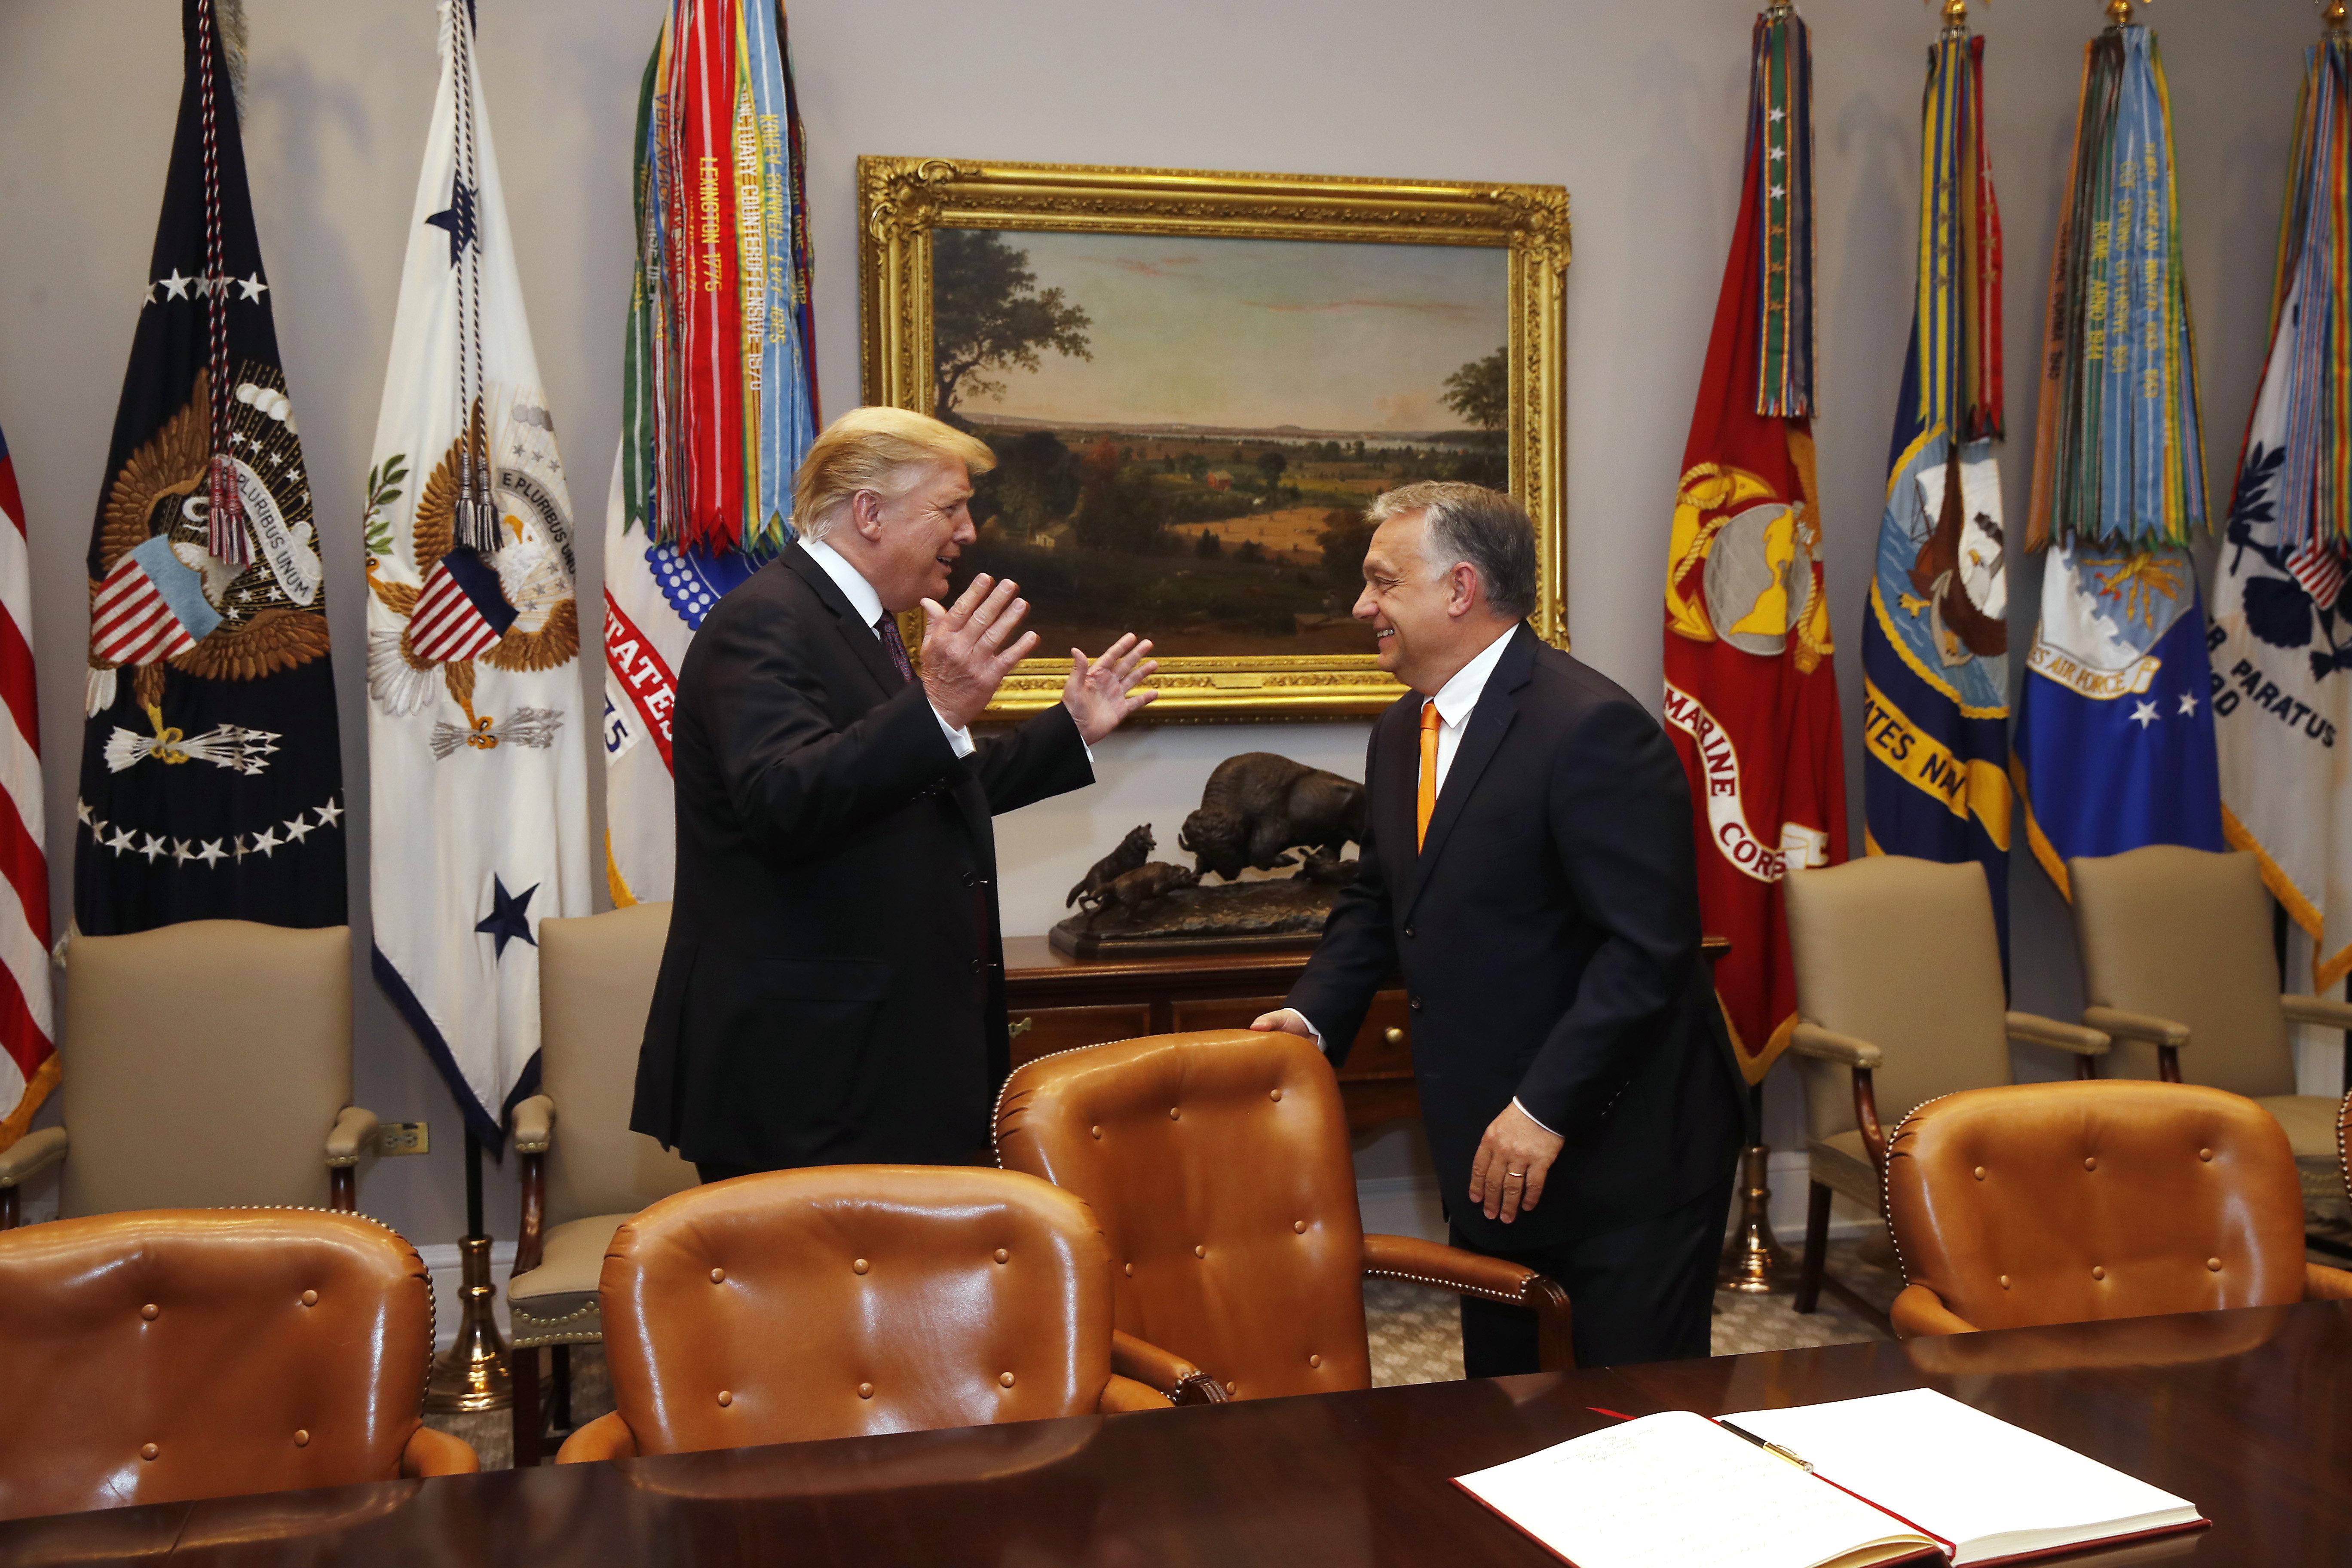 Orbán hofft, dass Trump wiedergewählt wird